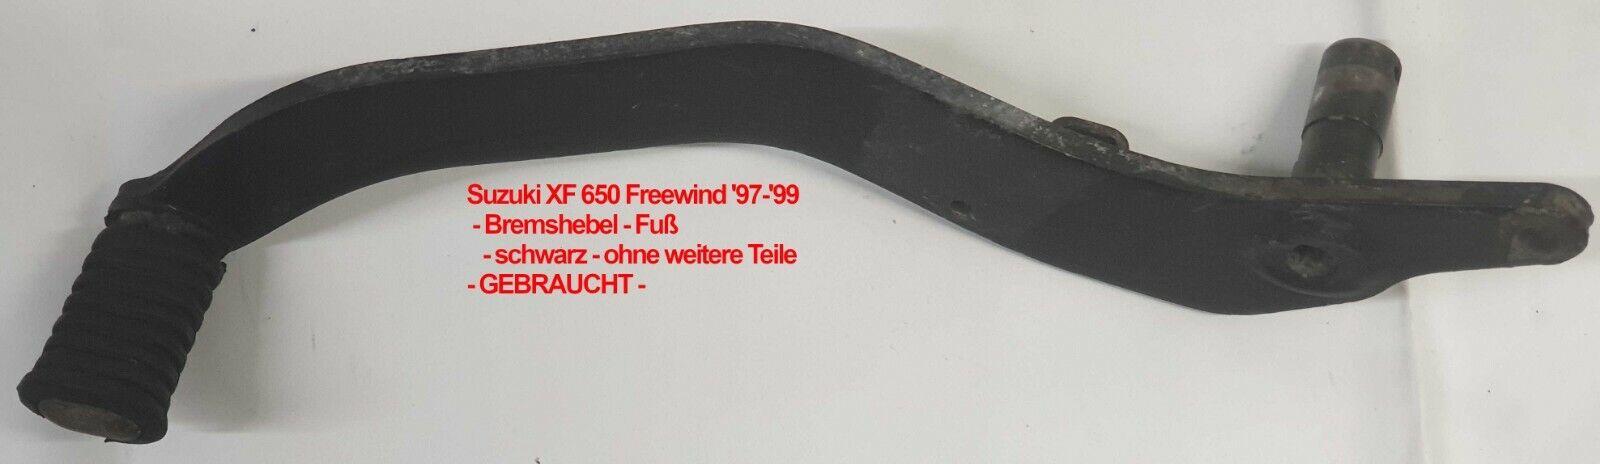 Kupplungshebel schwarz für Suzuki XF 650 Freewind WVAC 1997-2002